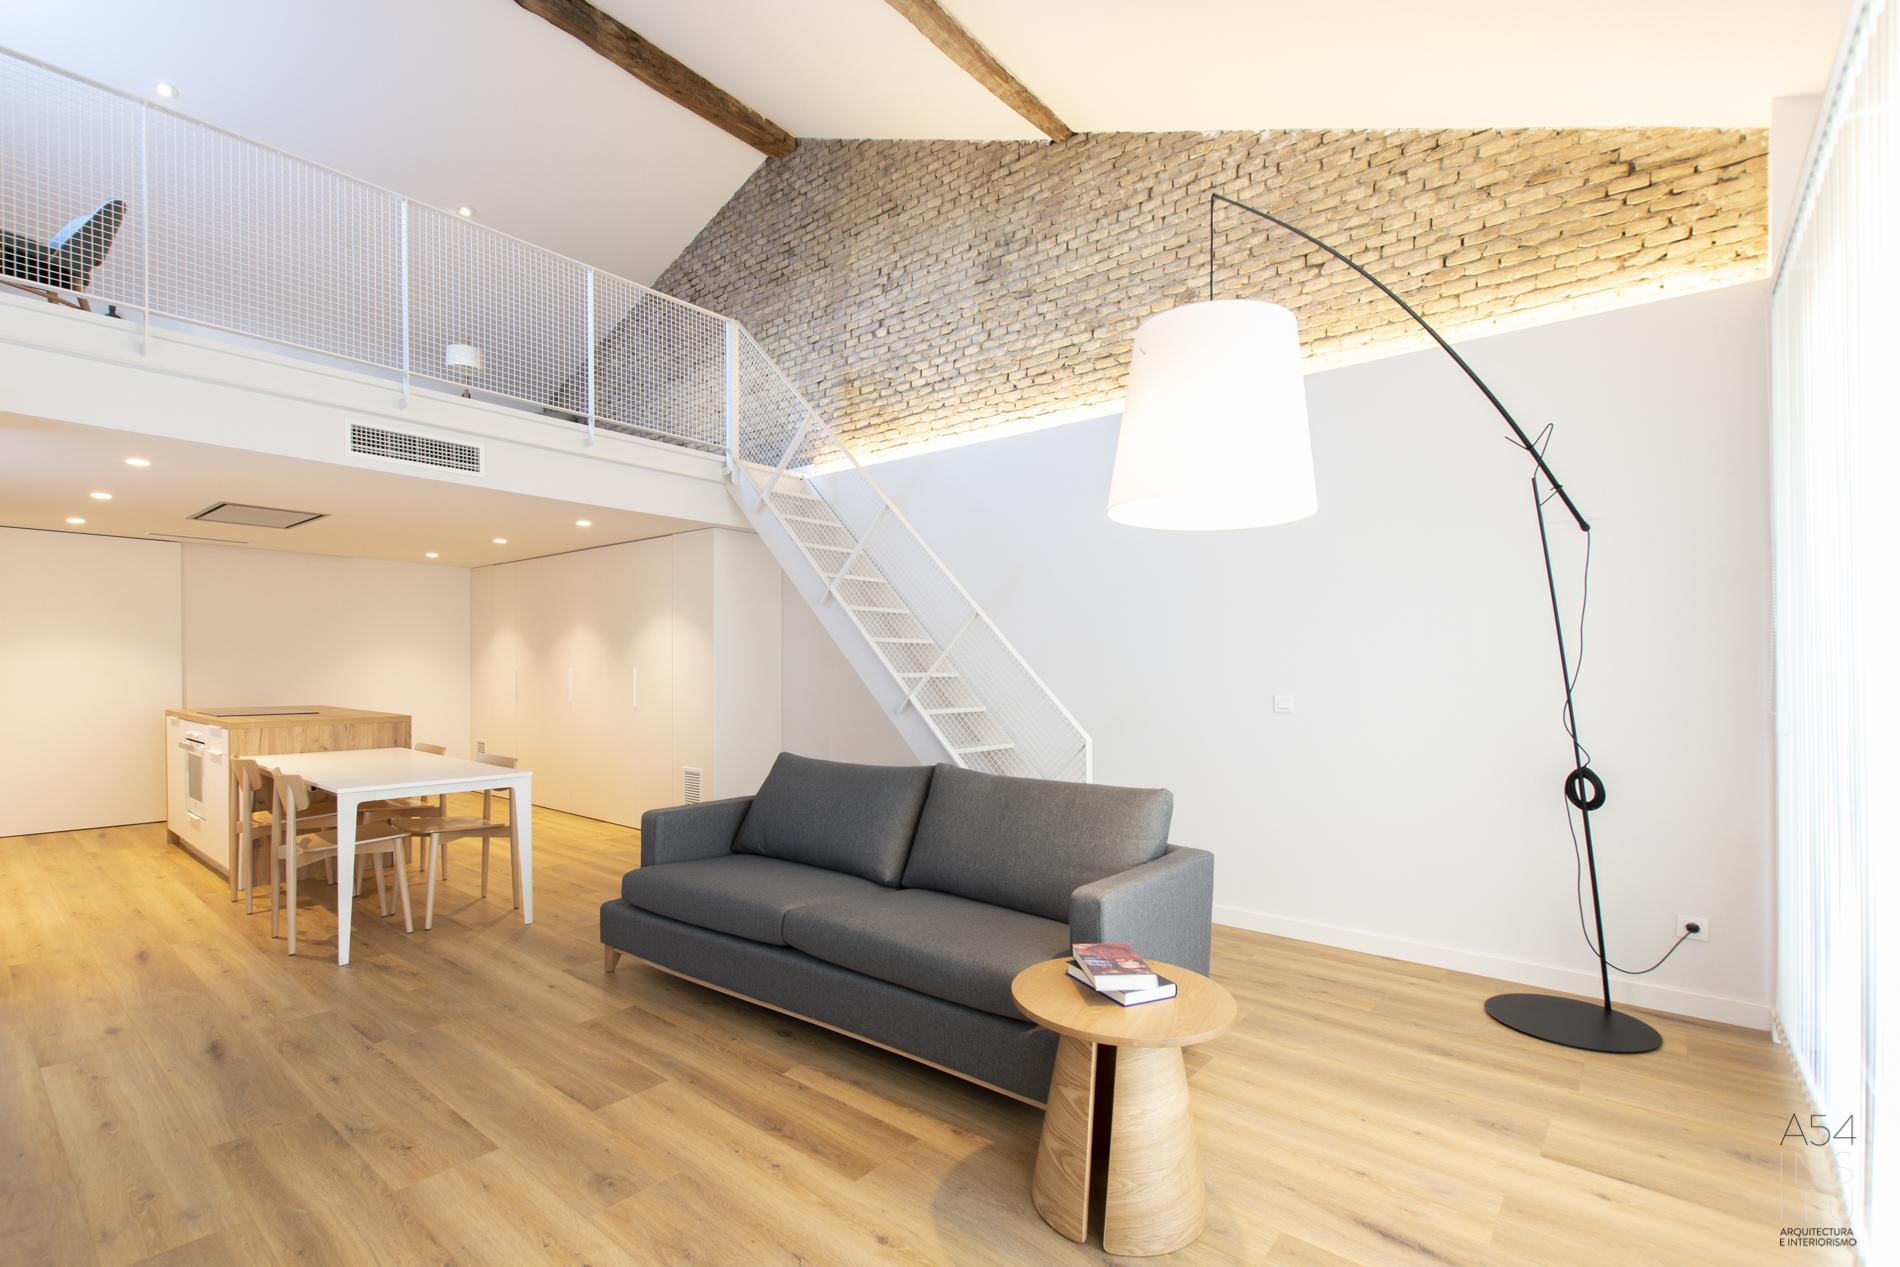 reforma integral en Zaragoza llaves en mano por A54insitu arquitectura y diseño en Zaragoza